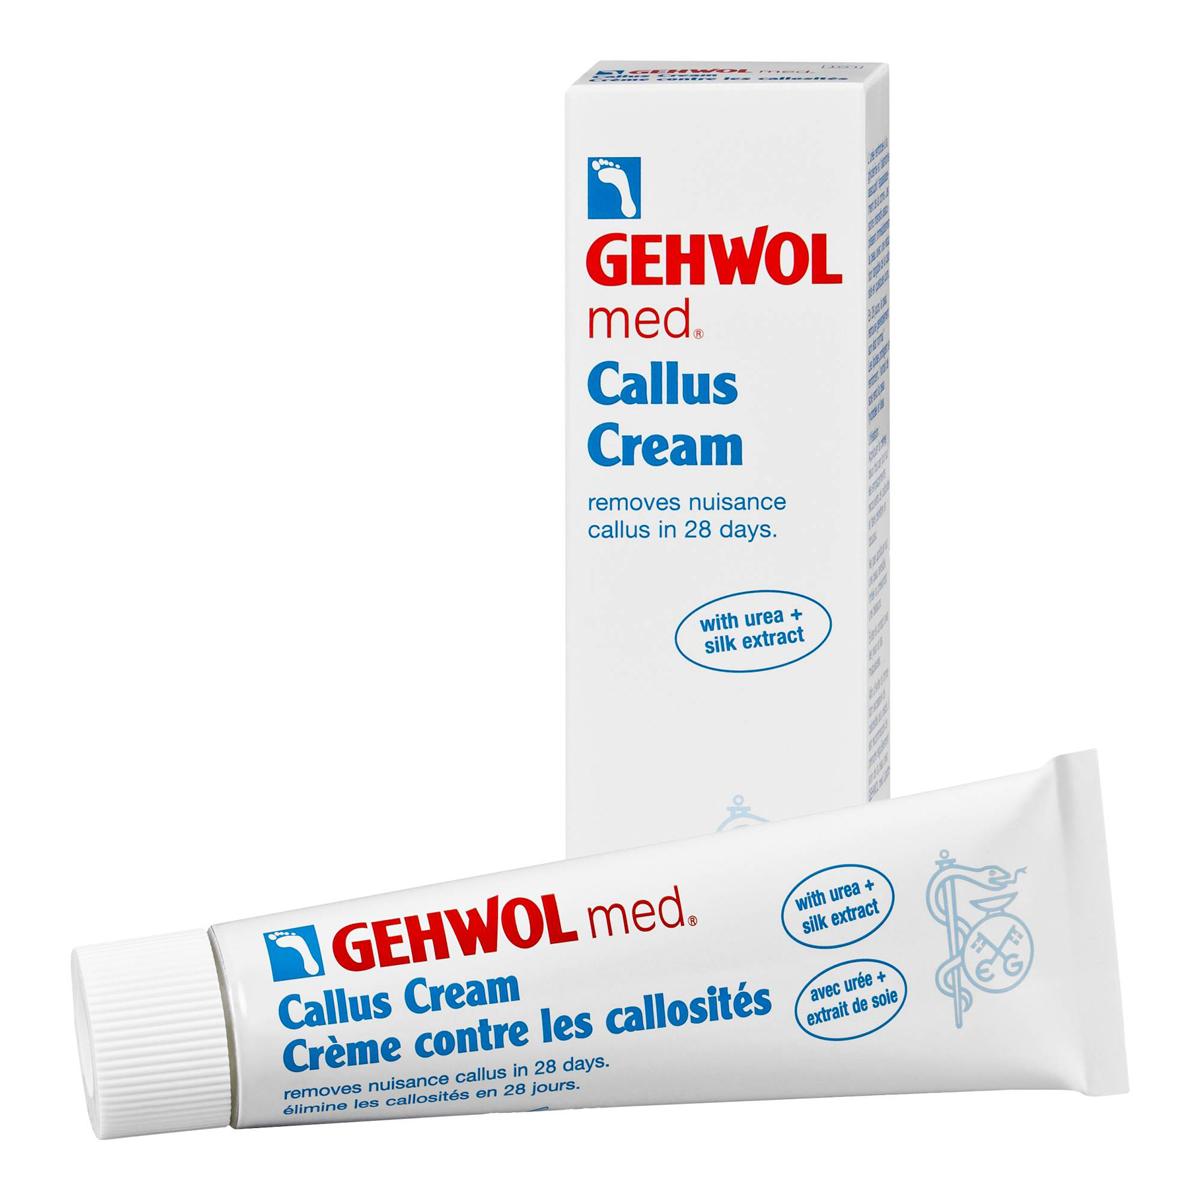 Gehwol Med Callus Cream - Крем для загрубевшей кожи, 75 мл1*41205Крем для загрубевшей кожи Геволь мед (Gehwol med Callus Cream) решает проблему гиперкератоза за 4 недели. Деликатно смягчает и удаляет загрубевшую кожу, благодаря уникальной рецептуре ослабляет межклеточные соединения плотных слоев кожи.В результате достигается быстрое смягчение загрубевшей кожи и ощутимые результаты уже после нескольких дней применения. Экстракт шелка увлажняет и разглаживает кожу.Регулярный уход за кожей ног в сочетании с Кремом Геволь Мед Гидро-баланс надежно защищает от повторного образования участков загрубевшей кожи.Уважаемые клиенты!Обращаем ваше внимание на возможные изменения в дизайне упаковки. Качественные характеристики товара остаются неизменными. Поставка осуществляется в зависимости от наличия на складе.